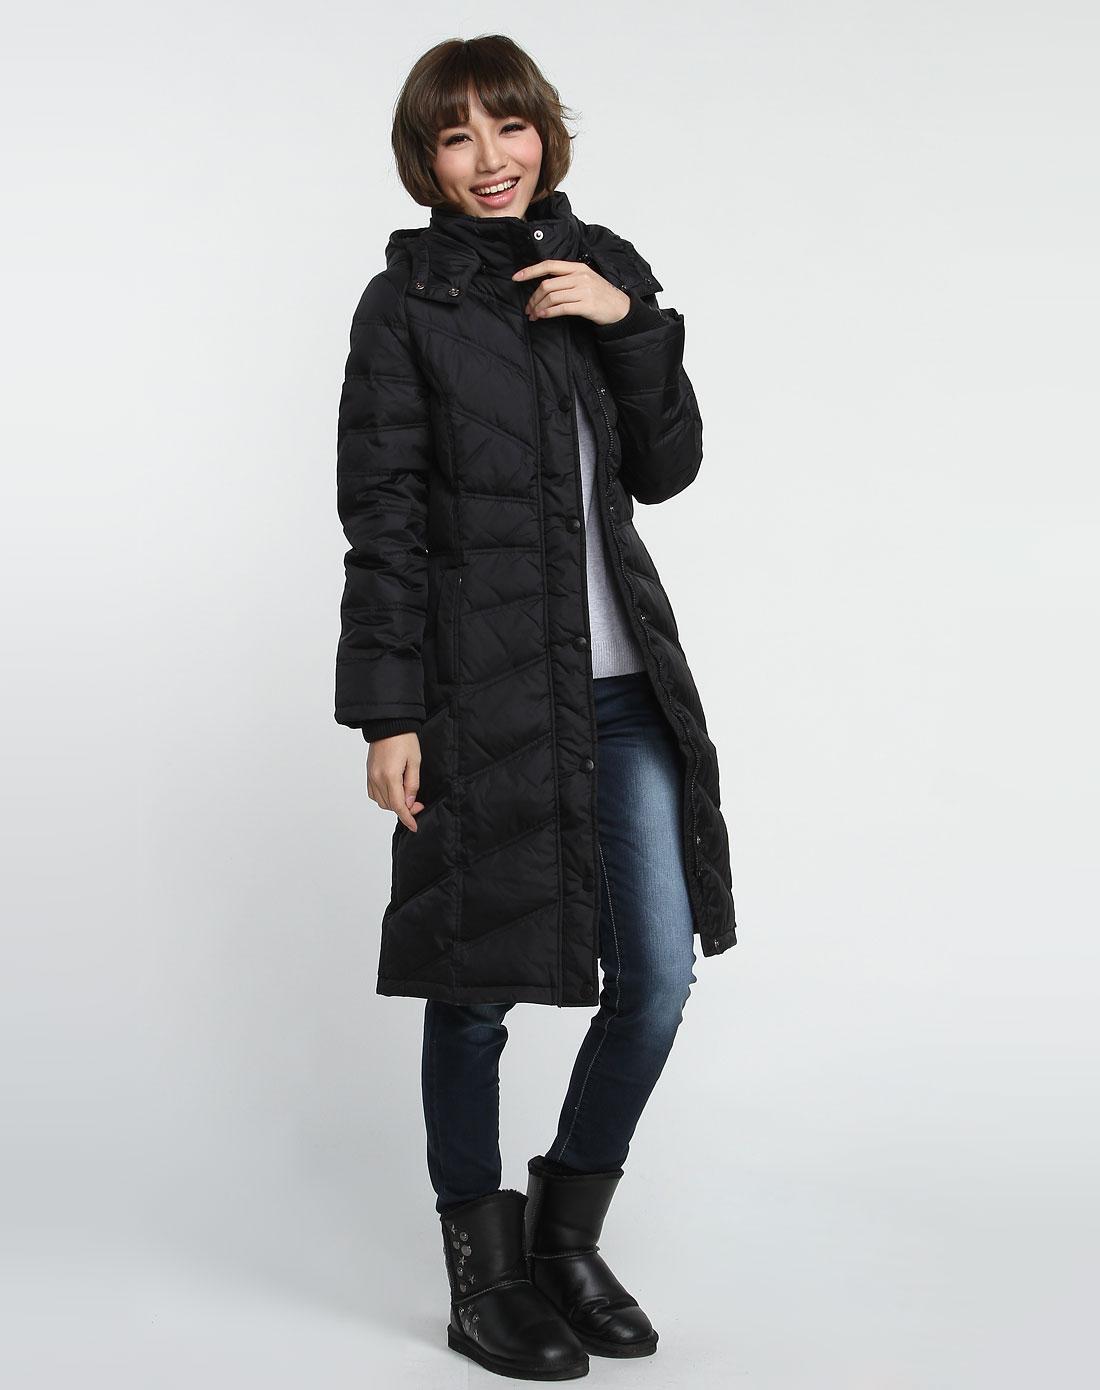 森马女装专场-黑色休闲时尚连帽长袖长款羽绒服图片